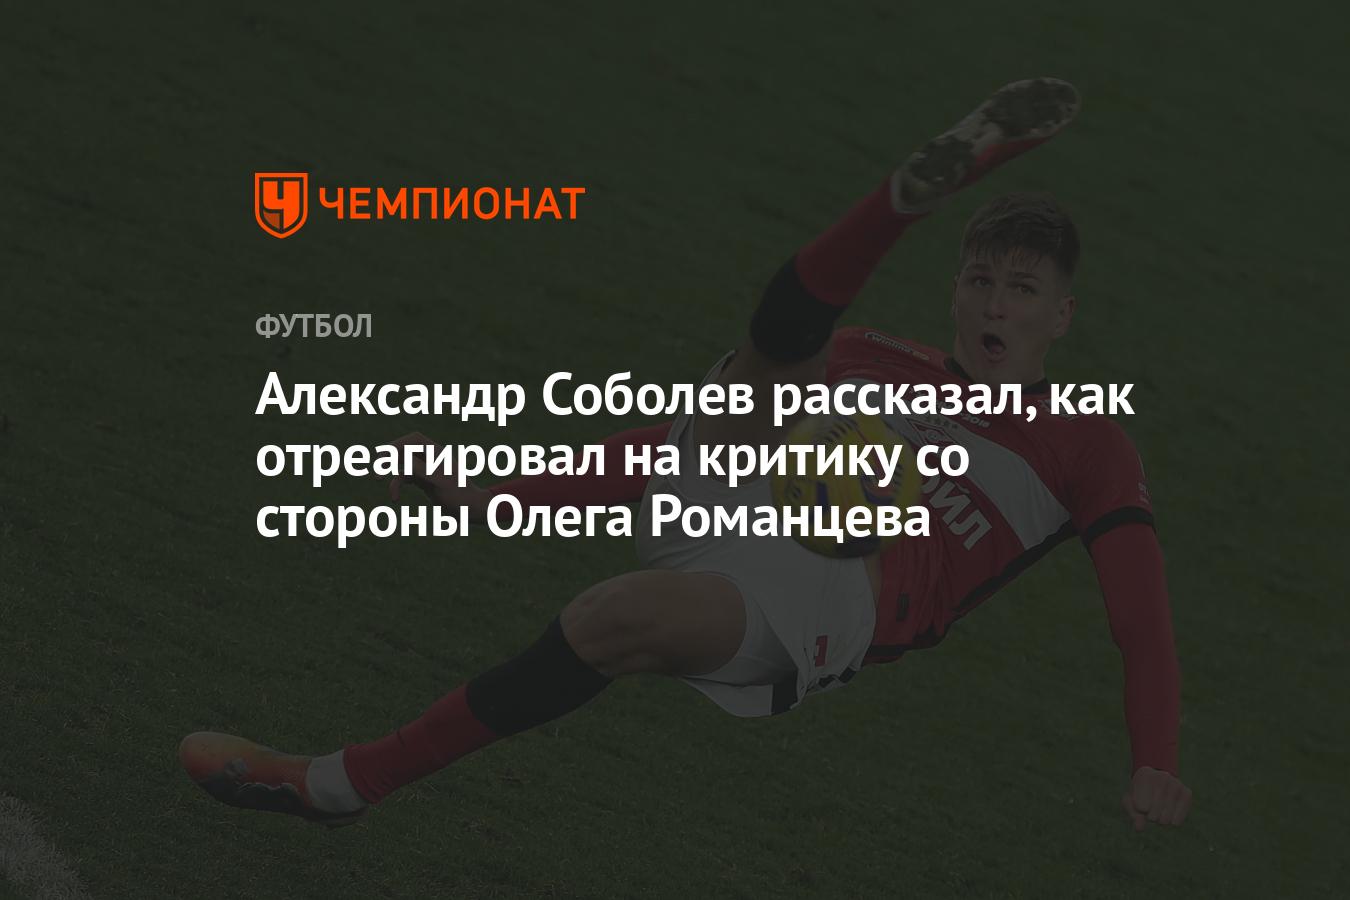 Александр Соболев рассказал, как отреагировал на критику со стороны Олега Романцева